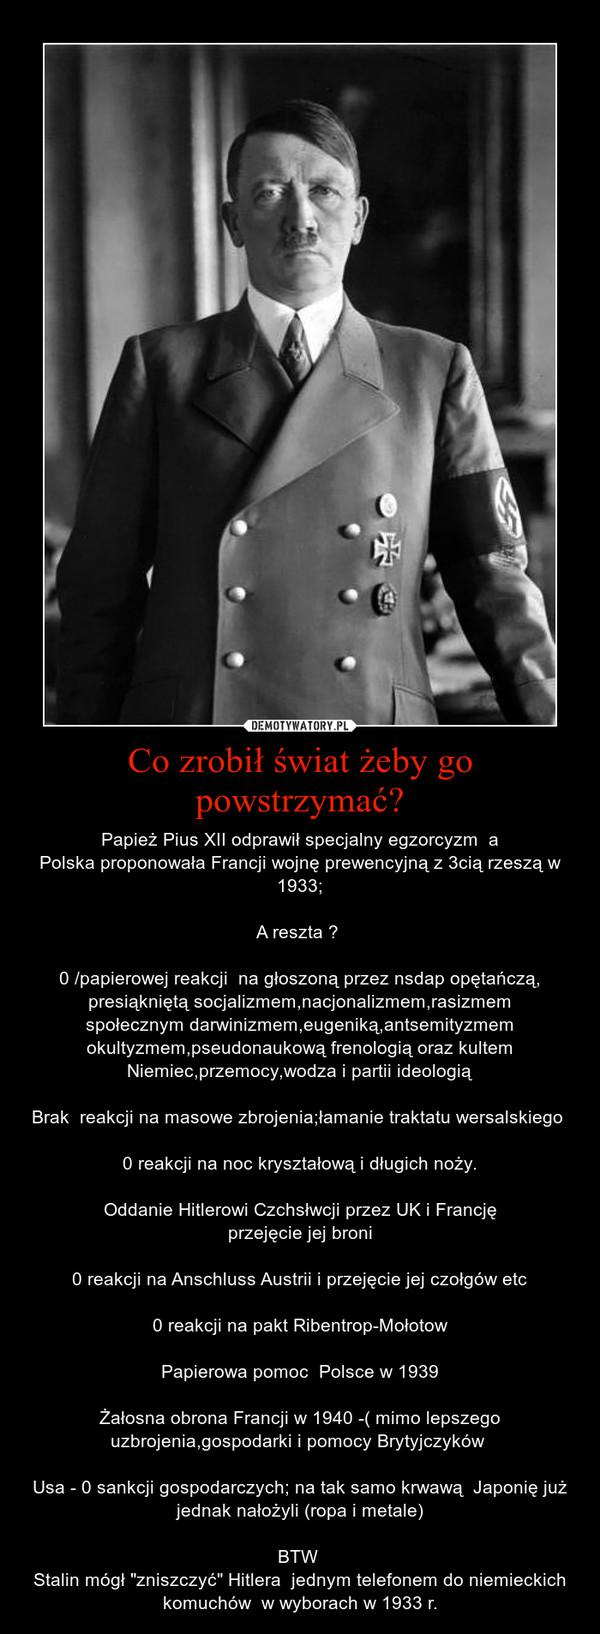 """Co zrobił świat żeby go powstrzymać? – Papież Pius XII odprawił specjalny egzorcyzm  aPolska proponowała Francji wojnę prewencyjną z 3cią rzeszą w 1933;A reszta ? 0 /papierowej reakcji  na głoszoną przez nsdap opętańczą, presiąkniętą socjalizmem,nacjonalizmem,rasizmemspołecznym darwinizmem,eugeniką,antsemityzmem okultyzmem,pseudonaukową frenologią oraz kultem Niemiec,przemocy,wodza i partii ideologiąBrak  reakcji na masowe zbrojenia;łamanie traktatu wersalskiego 0 reakcji na noc kryształową i długich noży.Oddanie Hitlerowi Czchsłwcji przez UK i Francjęprzejęcie jej broni0 reakcji na Anschluss Austrii i przejęcie jej czołgów etc0 reakcji na pakt Ribentrop-MołotowPapierowa pomoc  Polsce w 1939Żałosna obrona Francji w 1940 -( mimo lepszego uzbrojenia,gospodarki i pomocy Brytyjczyków Usa - 0 sankcji gospodarczych; na tak samo krwawą  Japonię już jednak nałożyli (ropa i metale)BTW Stalin mógł """"zniszczyć"""" Hitlera  jednym telefonem do niemieckich komuchów  w wyborach w 1933 r."""